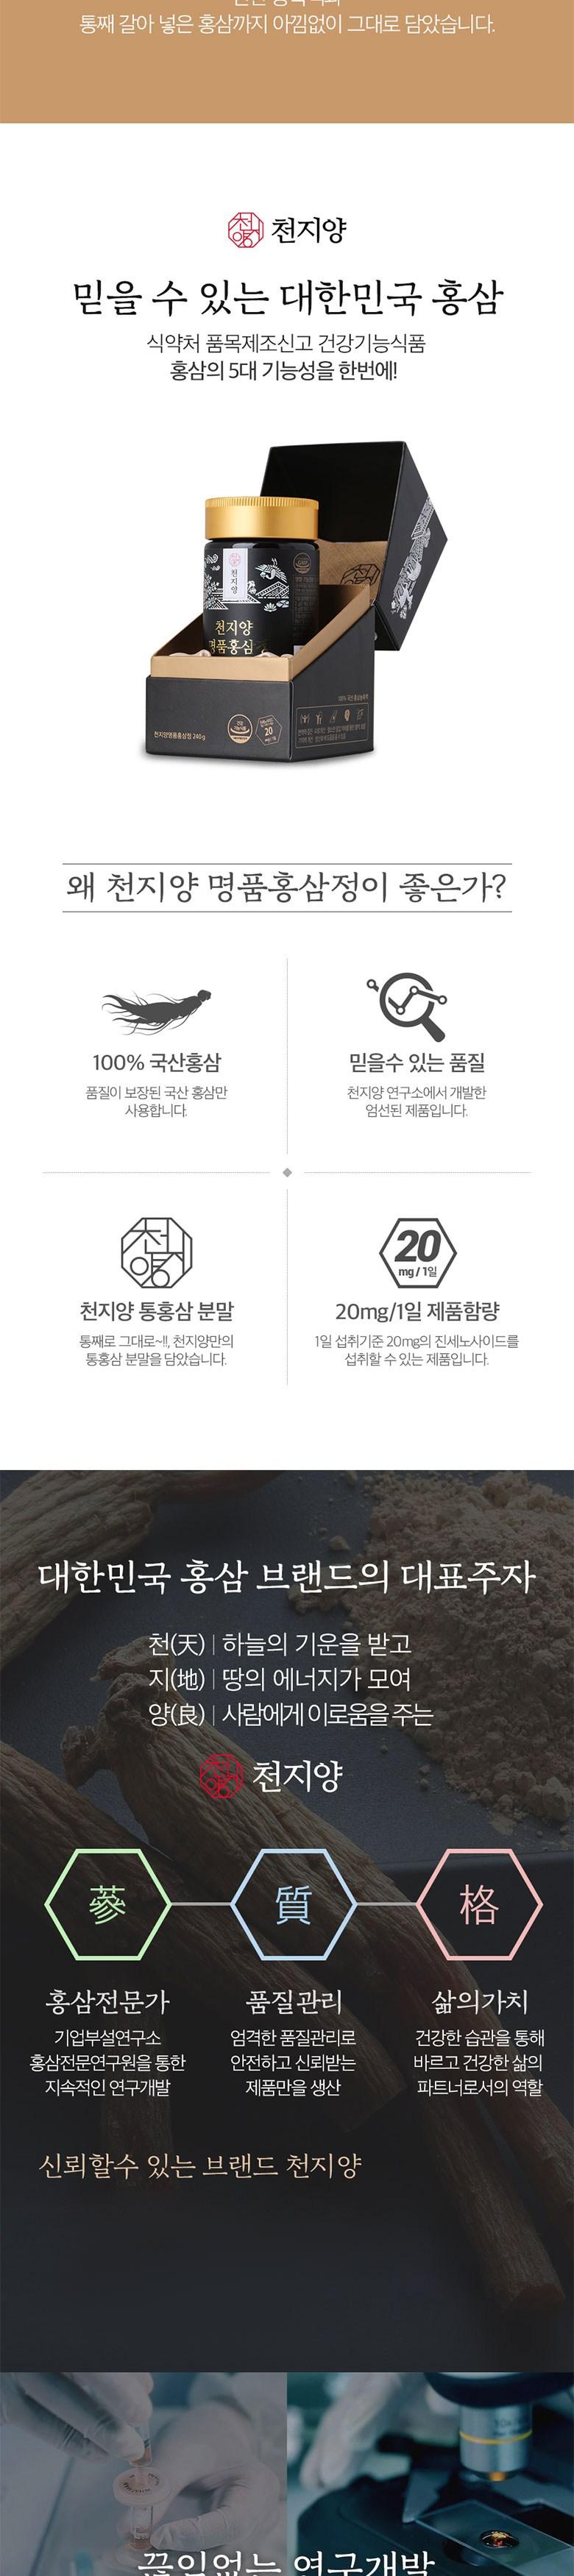 천지양 명품 홍삼정 2